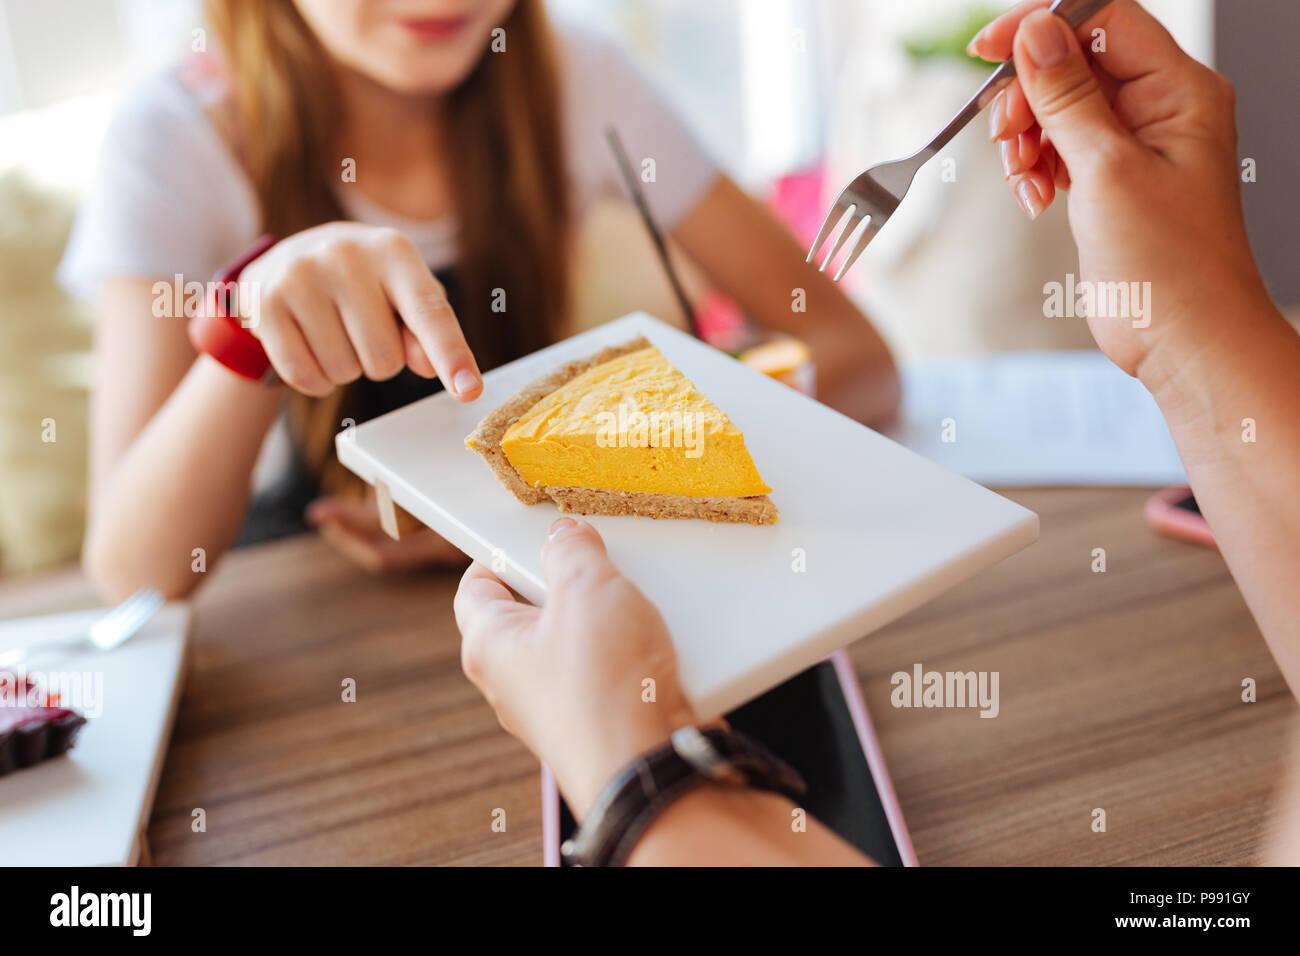 Cura donna matura dando alcuni cheesecake la figlia Immagini Stock